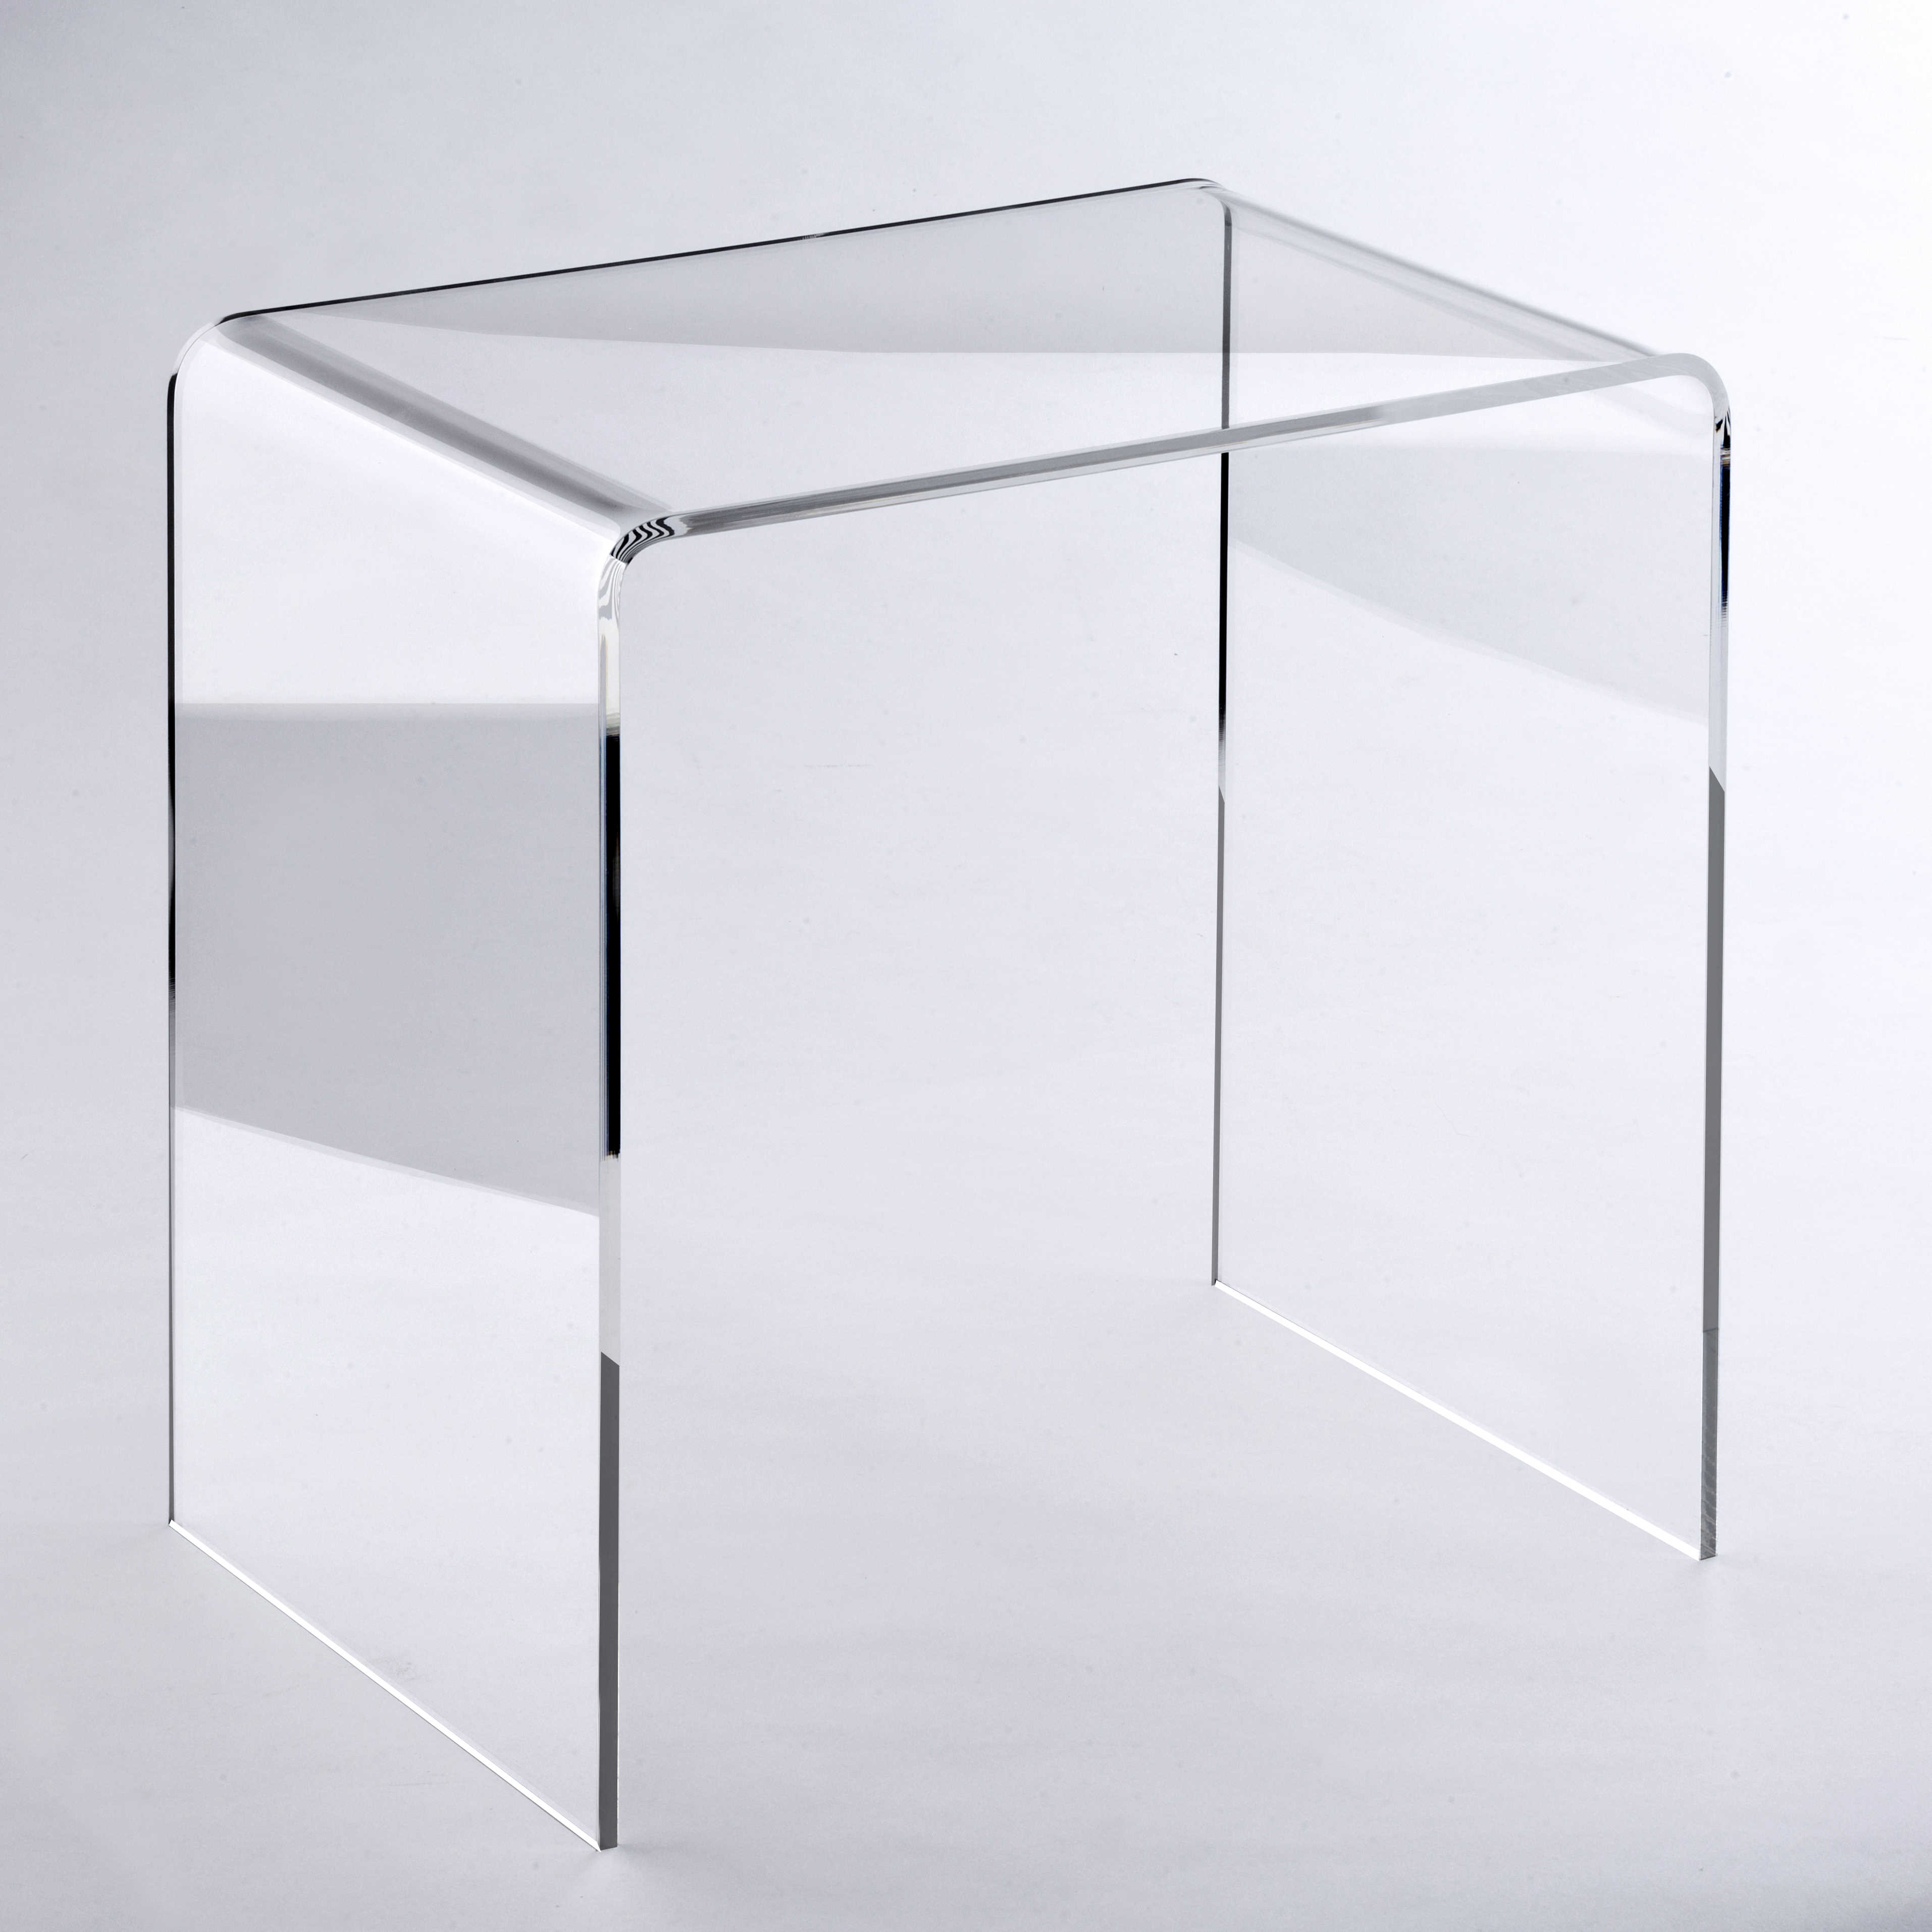 Zweisatztisch aus Acrylglas transparent Material Acryl klar